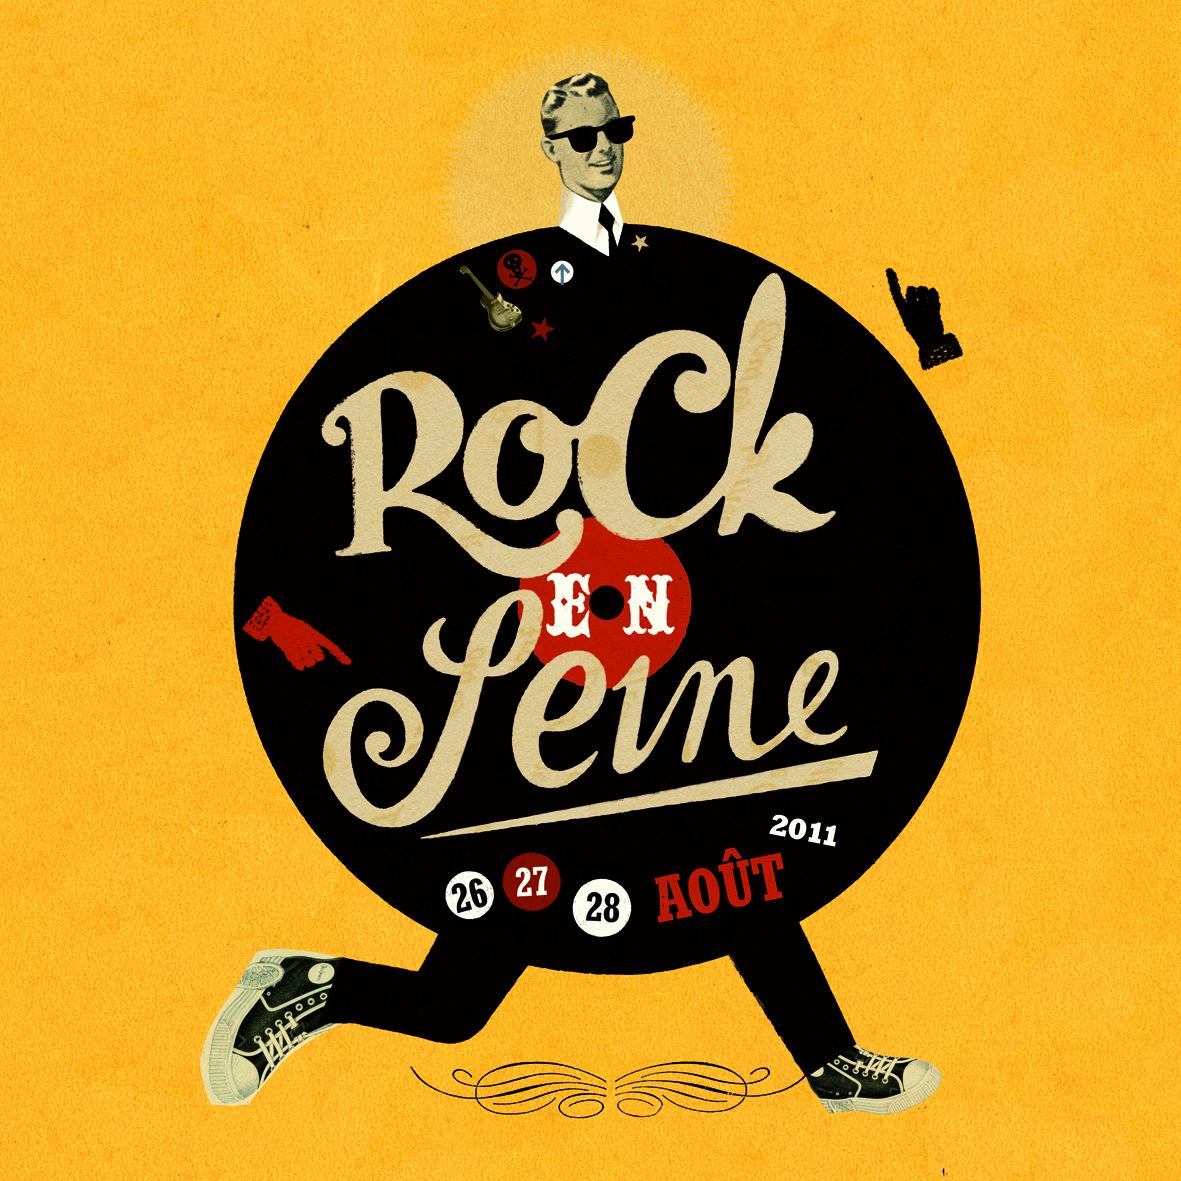 http://4.bp.blogspot.com/-yTsIHHgVihg/TjP-WxsCueI/AAAAAAAAJm4/16b-ENeg3OE/s1600/20301festival-rock-en-seine-paris.jpg